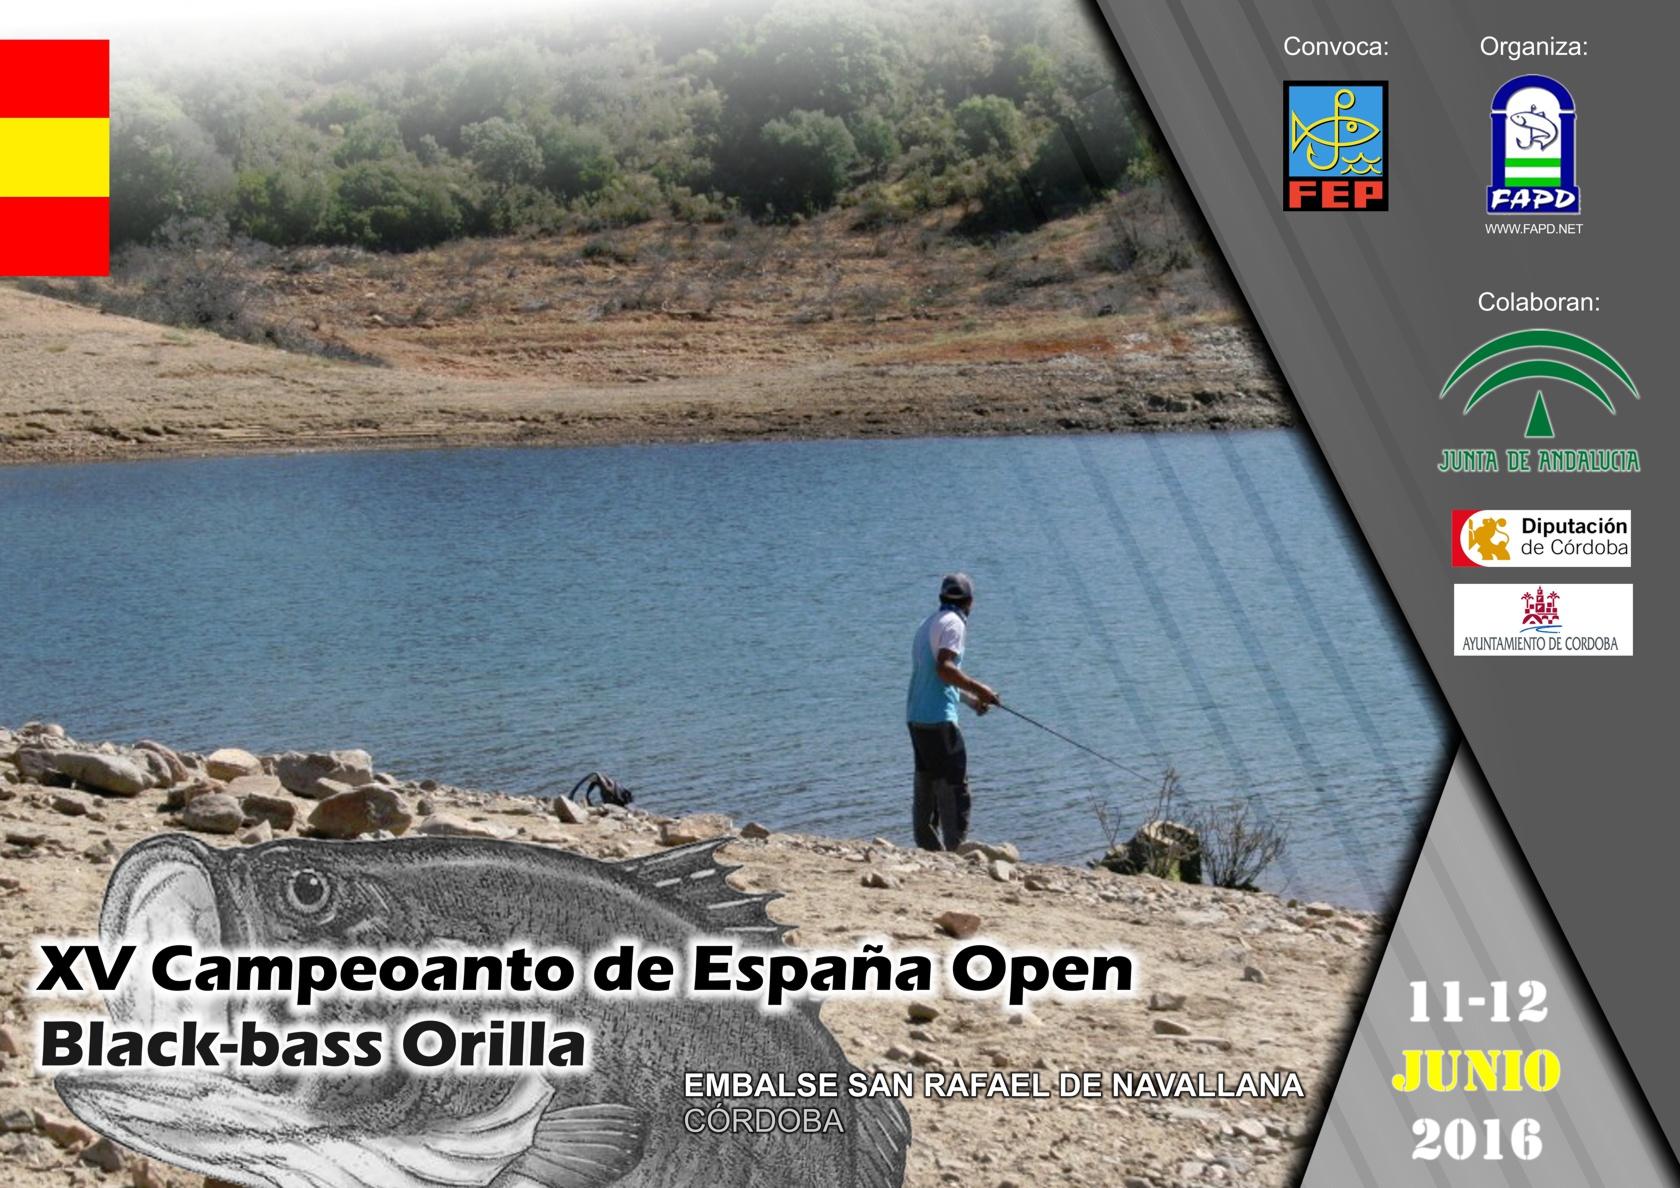 Open blackbass orilla11_12Junio2016 web